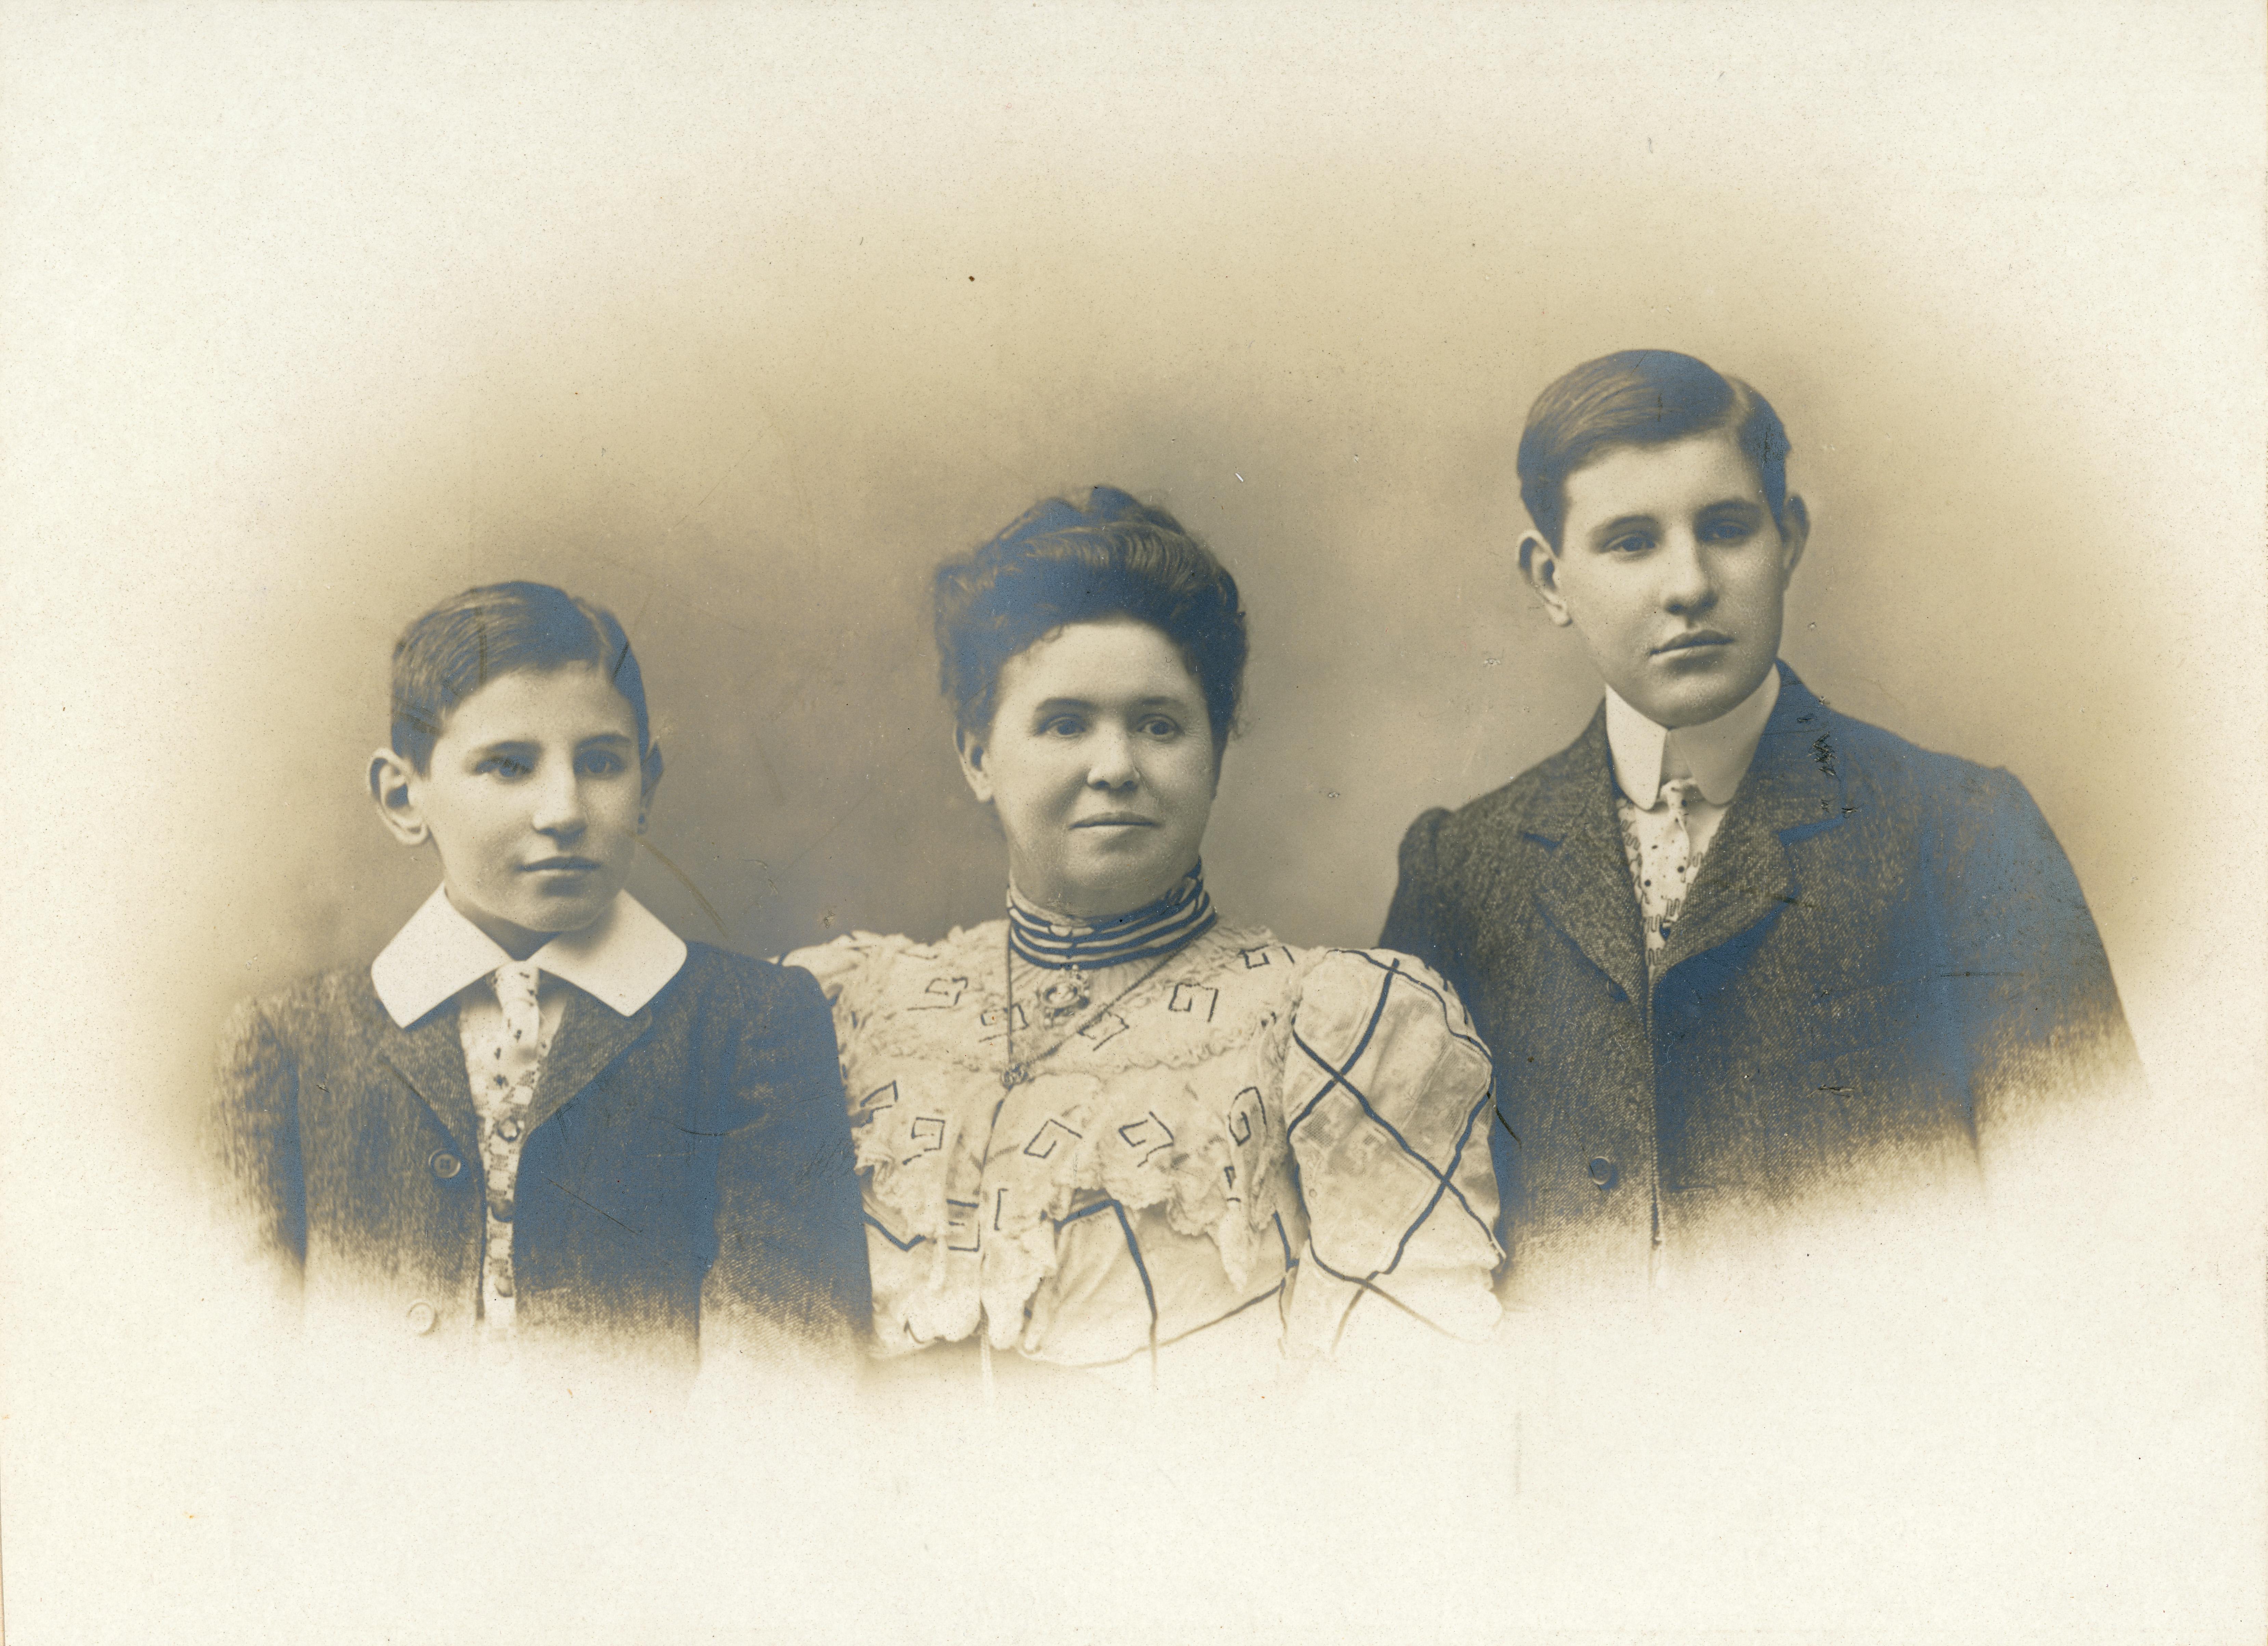 Louise Chancel (Mme Raphael Blanchard) et ses fils Henri et Camille - 21 novembre 1906 - 15 ans d'Henry Blanchard